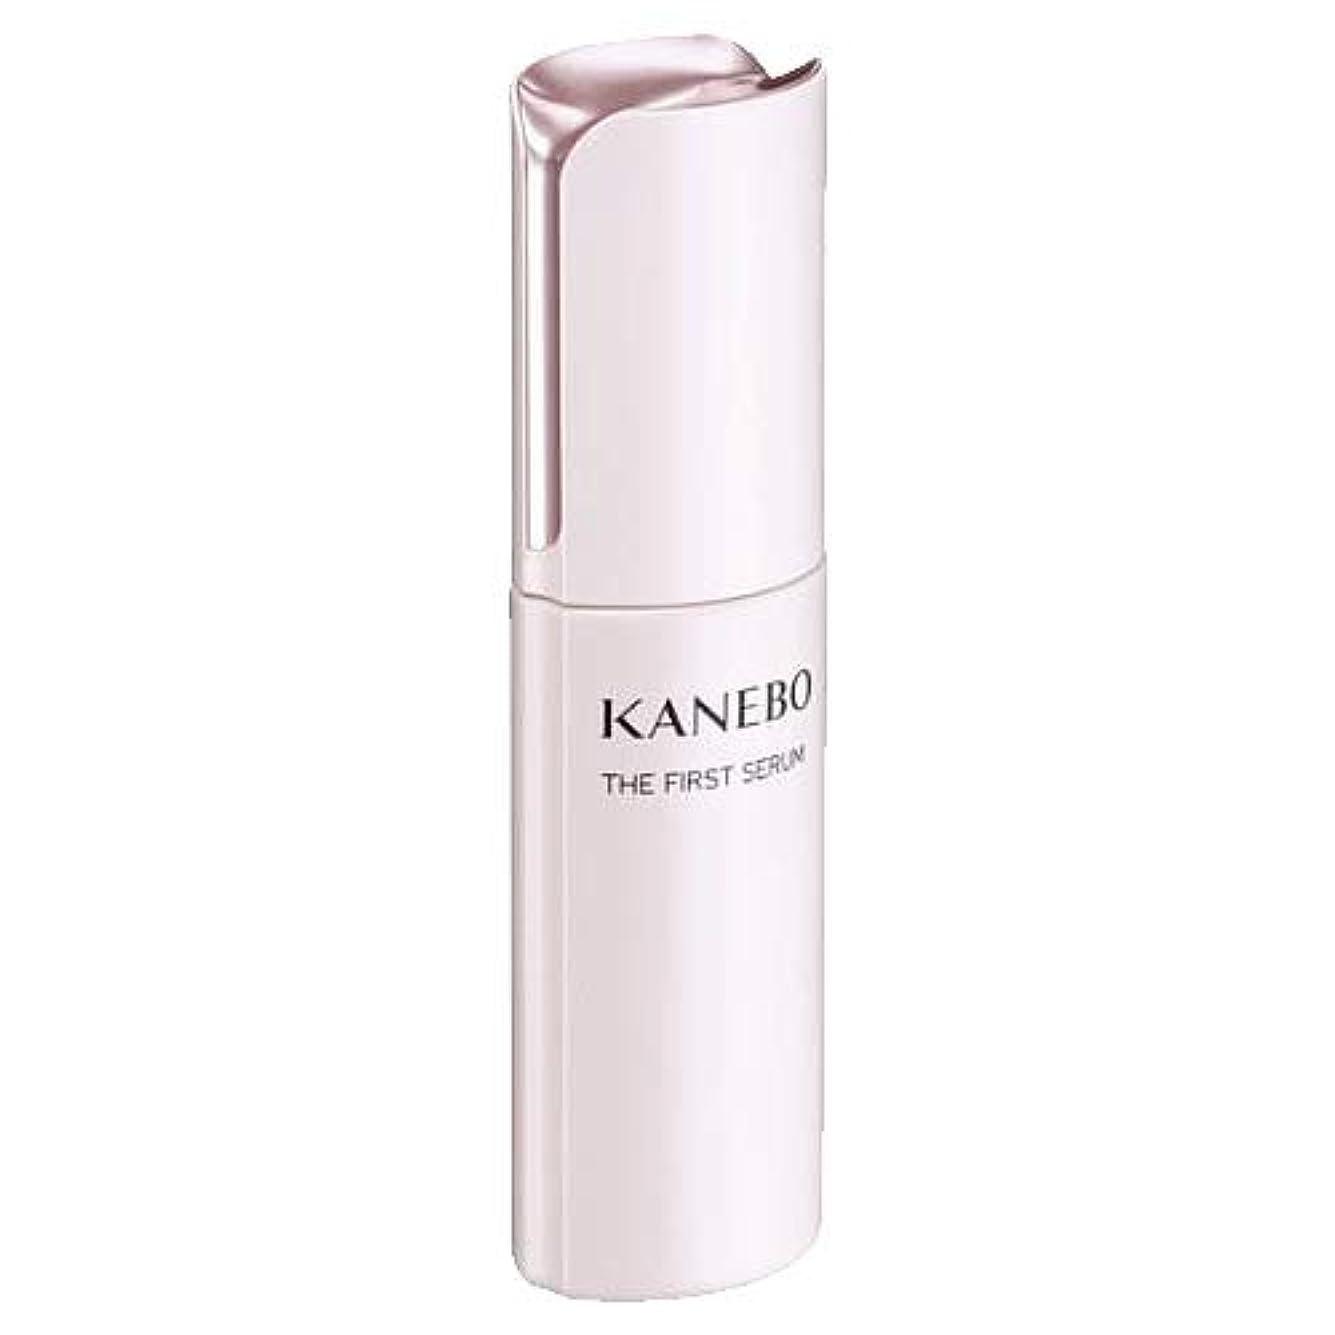 非常に申し込む病気のカネボウ KANEBO 美容液 ザ ファースト セラム 60ml [並行輸入品]